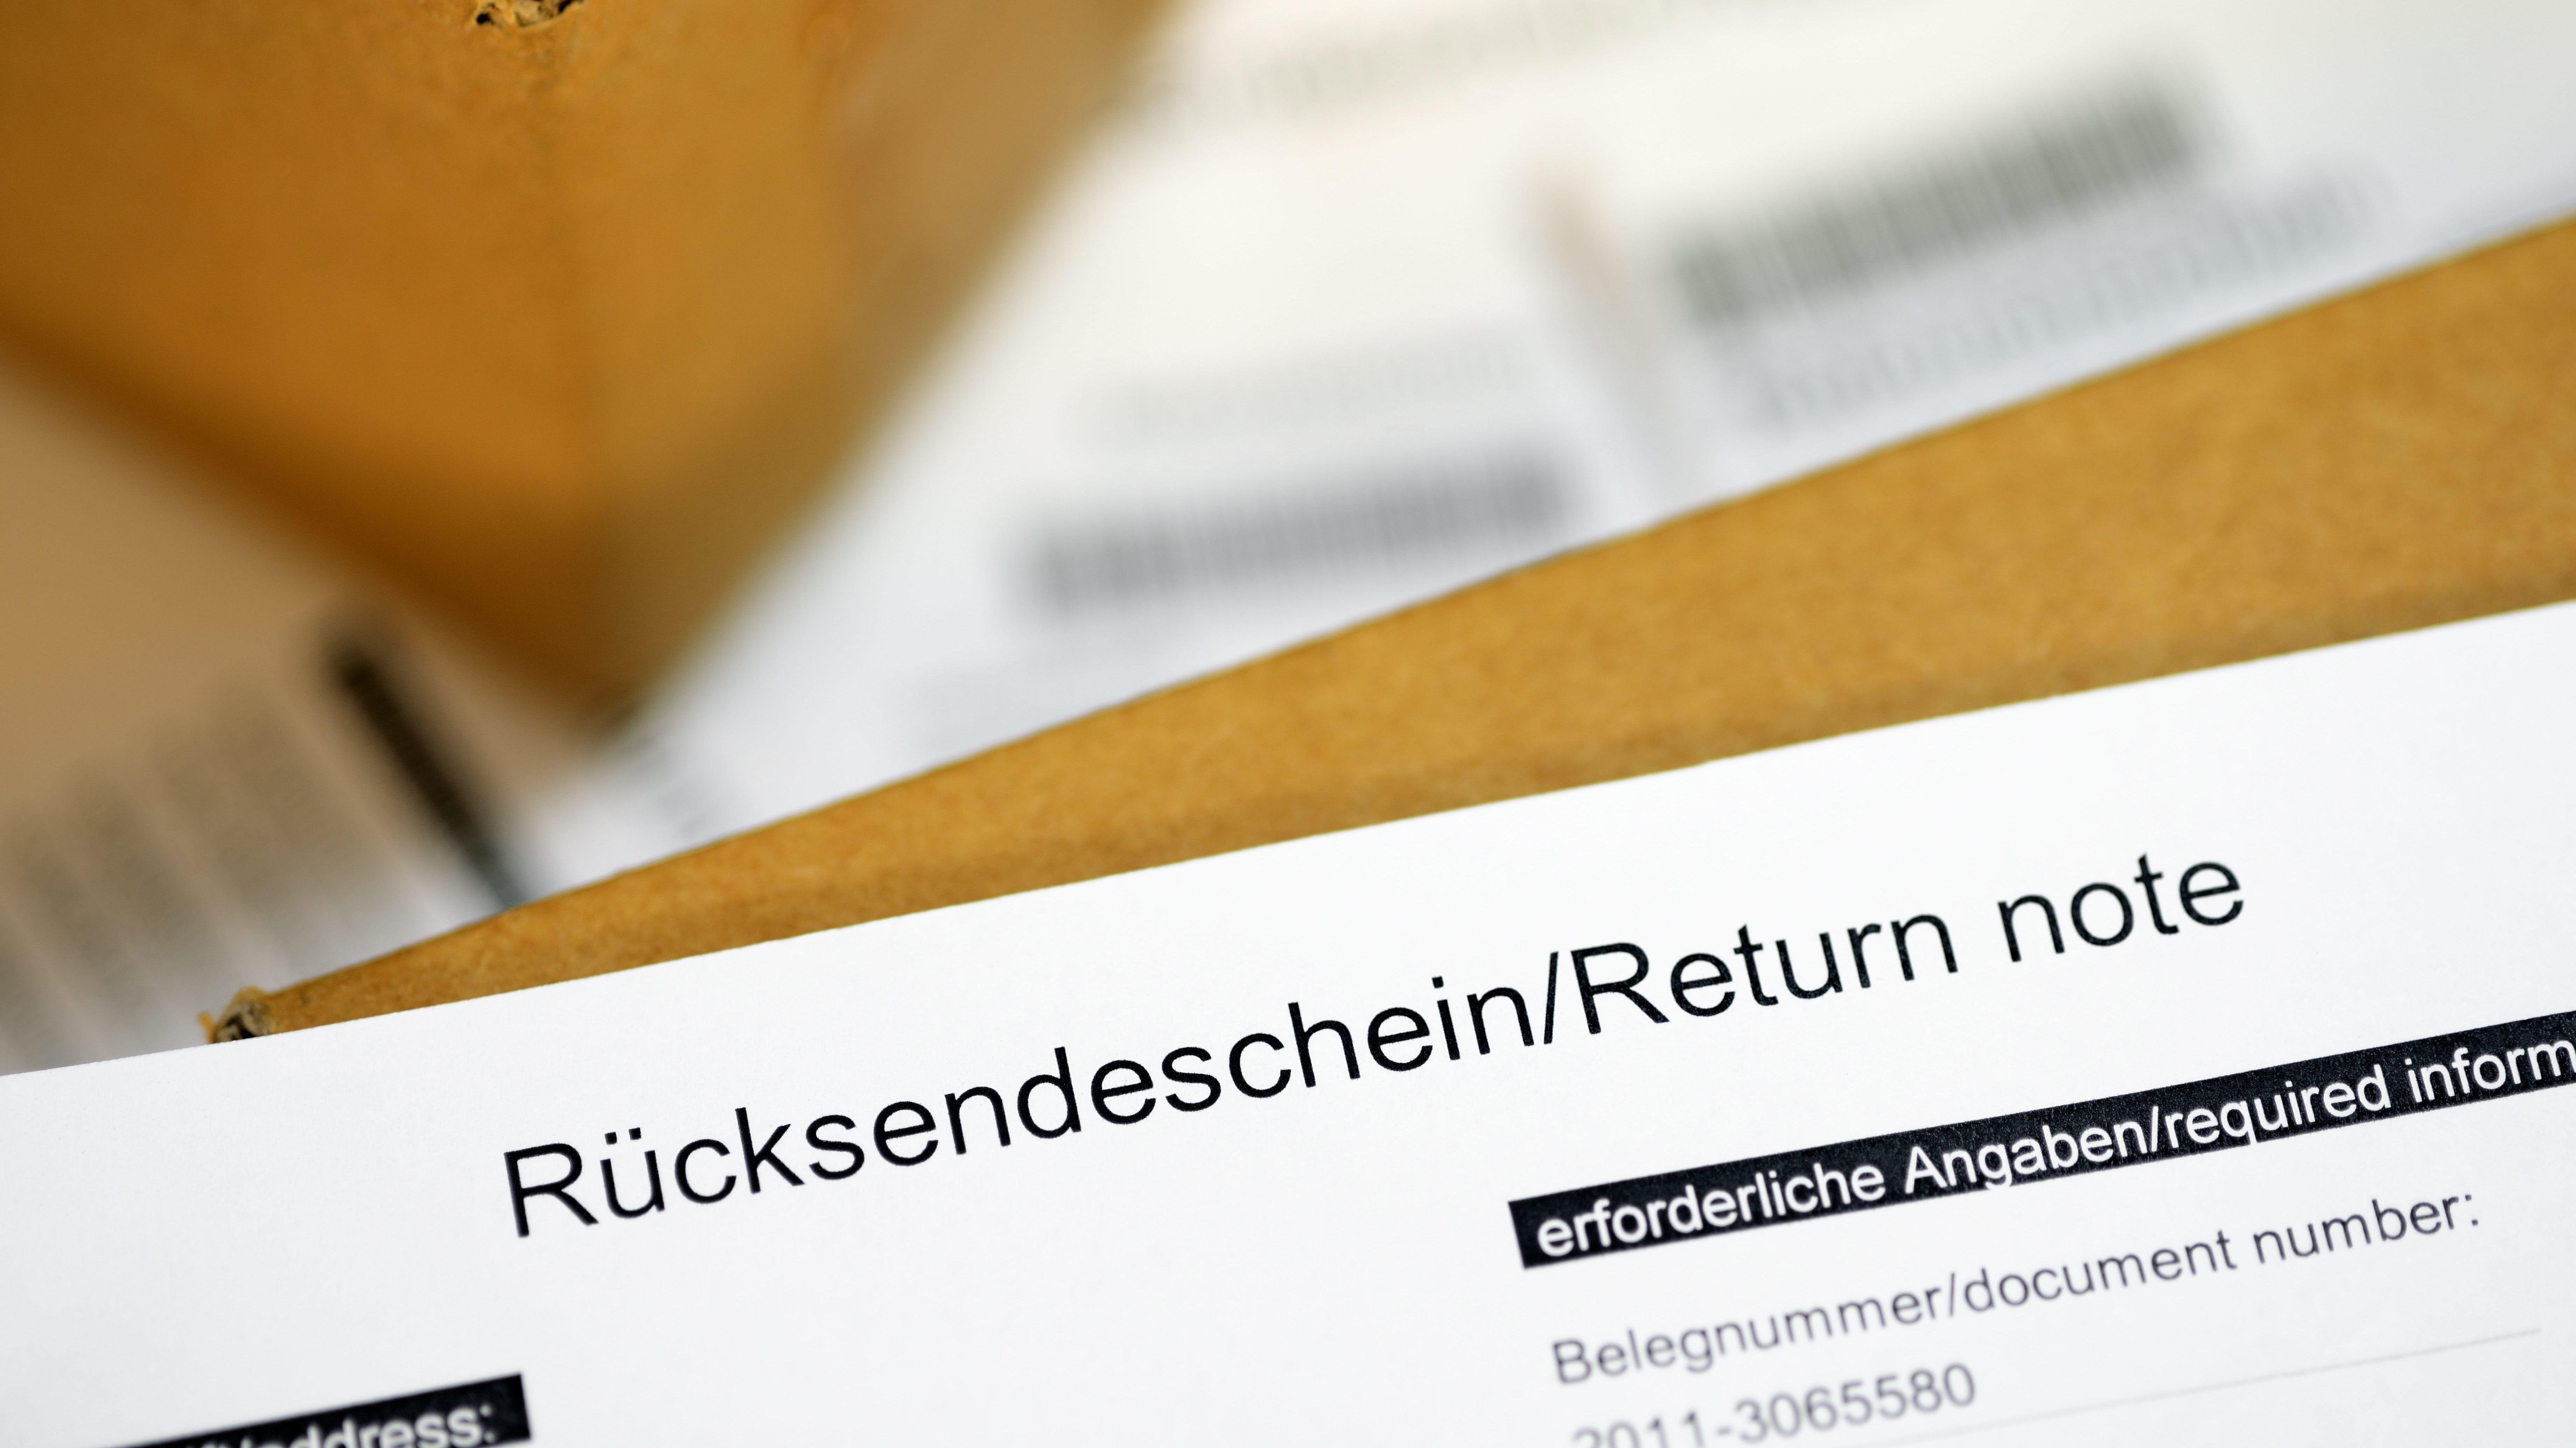 Ein Rücksendeschein liegt auf einem Karton, bereit für die Post.